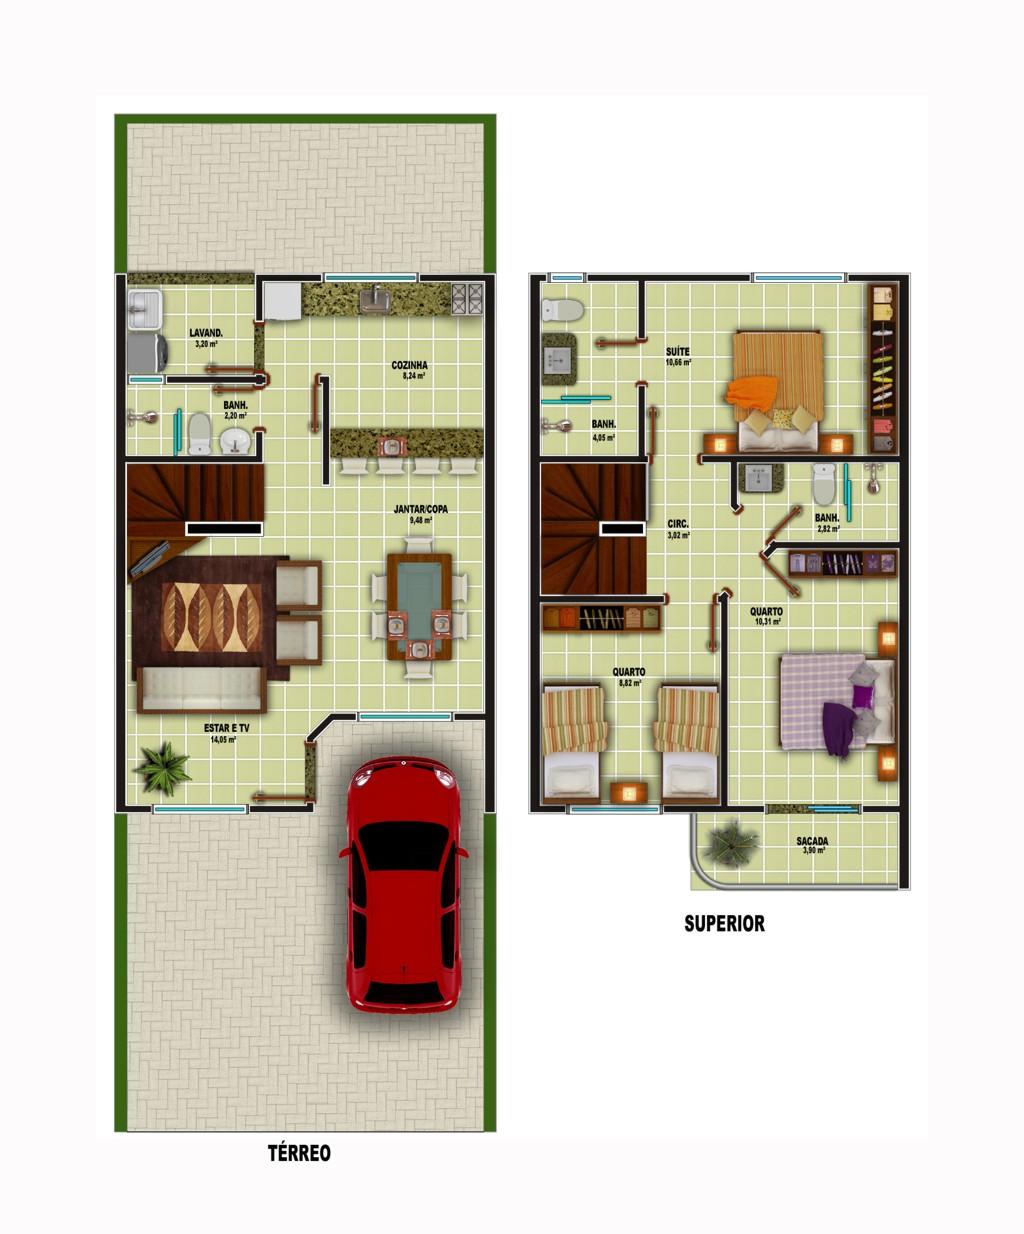 Plantas de sobrados pequenos e modernos Decorando Casas #792818 1024 1234